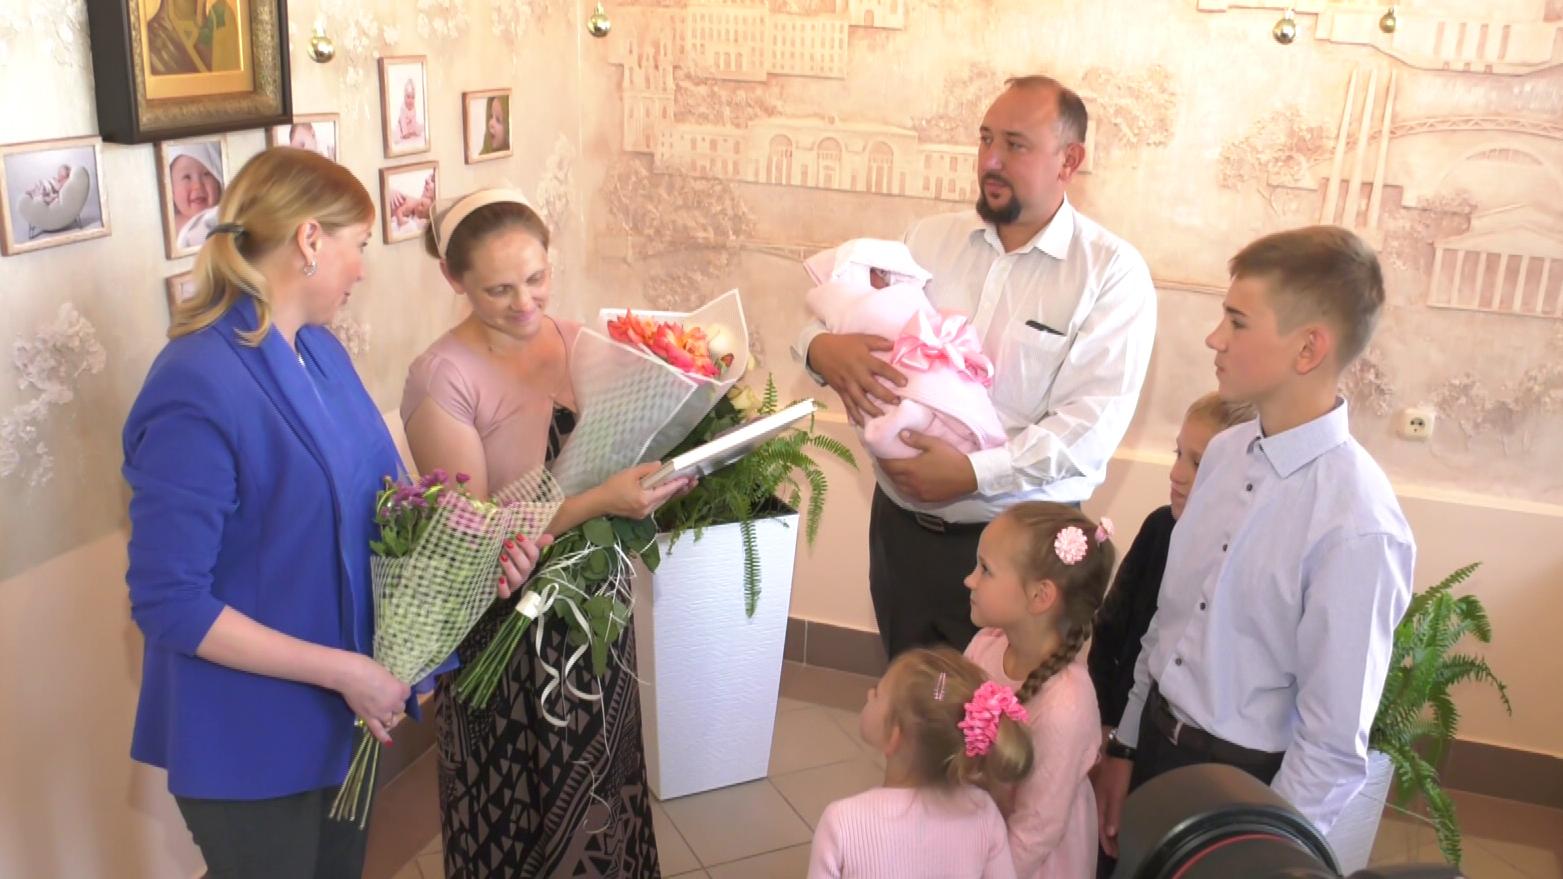 8 rebenok v seme - Восьмой ребёнок в семье (видео)